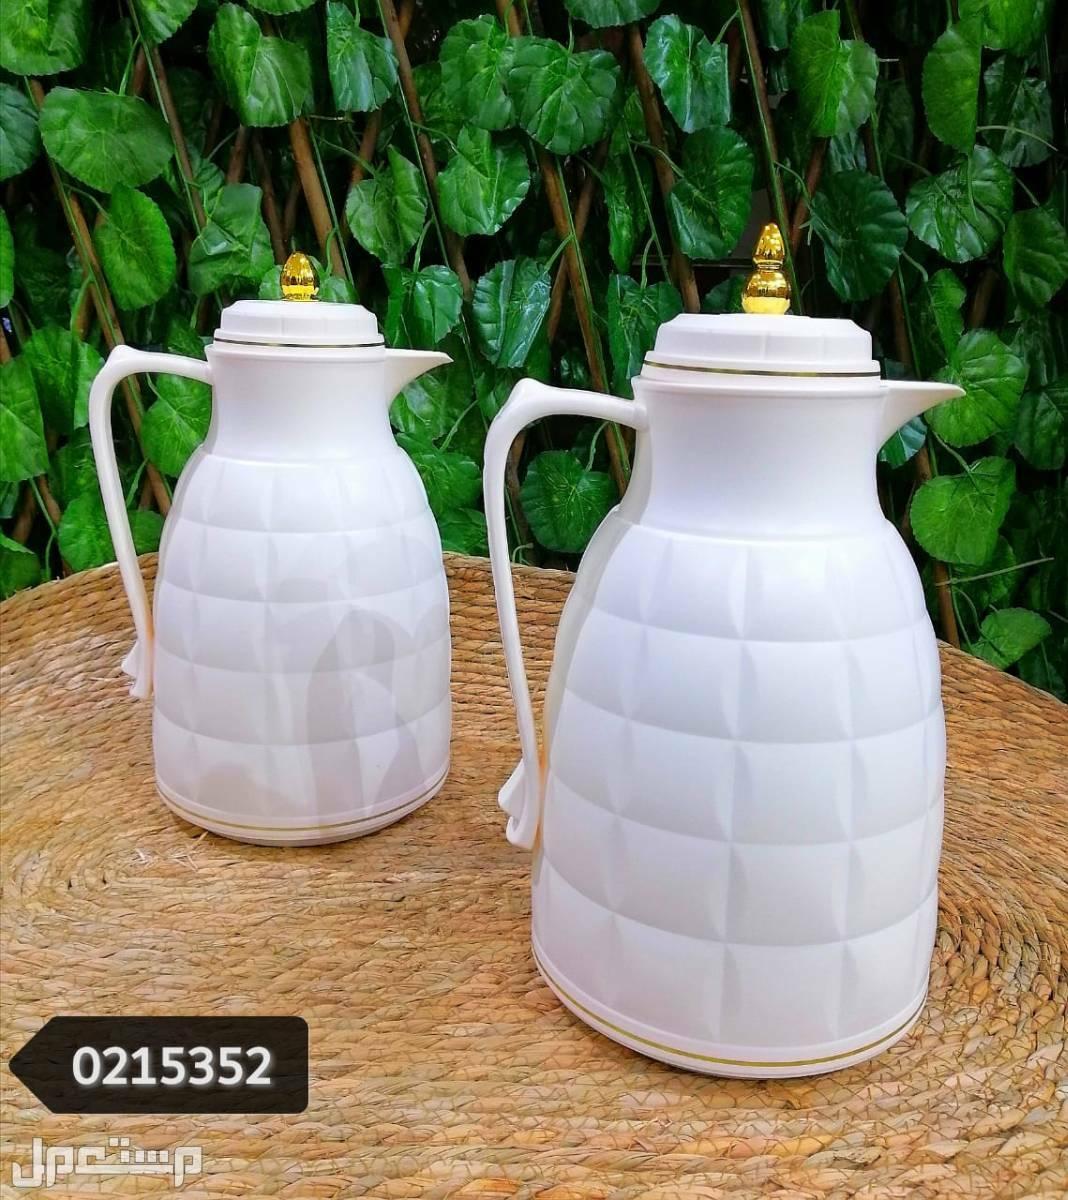 # طقم ثلاجات قهوة و شاي #  1 لتر   تحفظ الحراره من 10 الى 12 ساعه